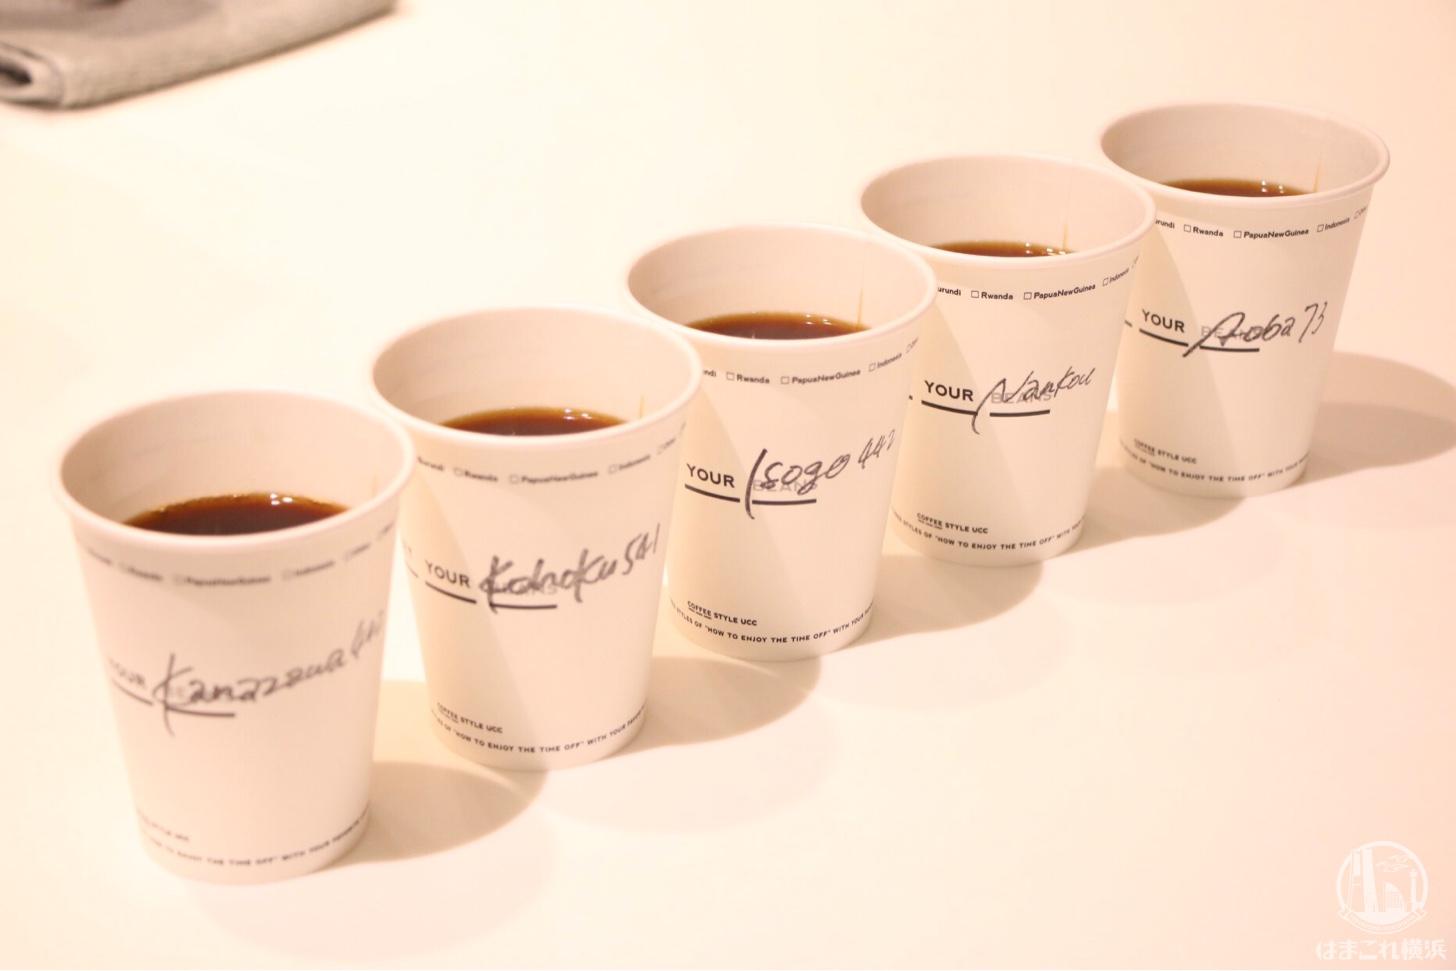 コーヒースタイルUCCがフード×コーヒーの選び方を新提案!横浜市をイメージしたブレンドコーヒーも